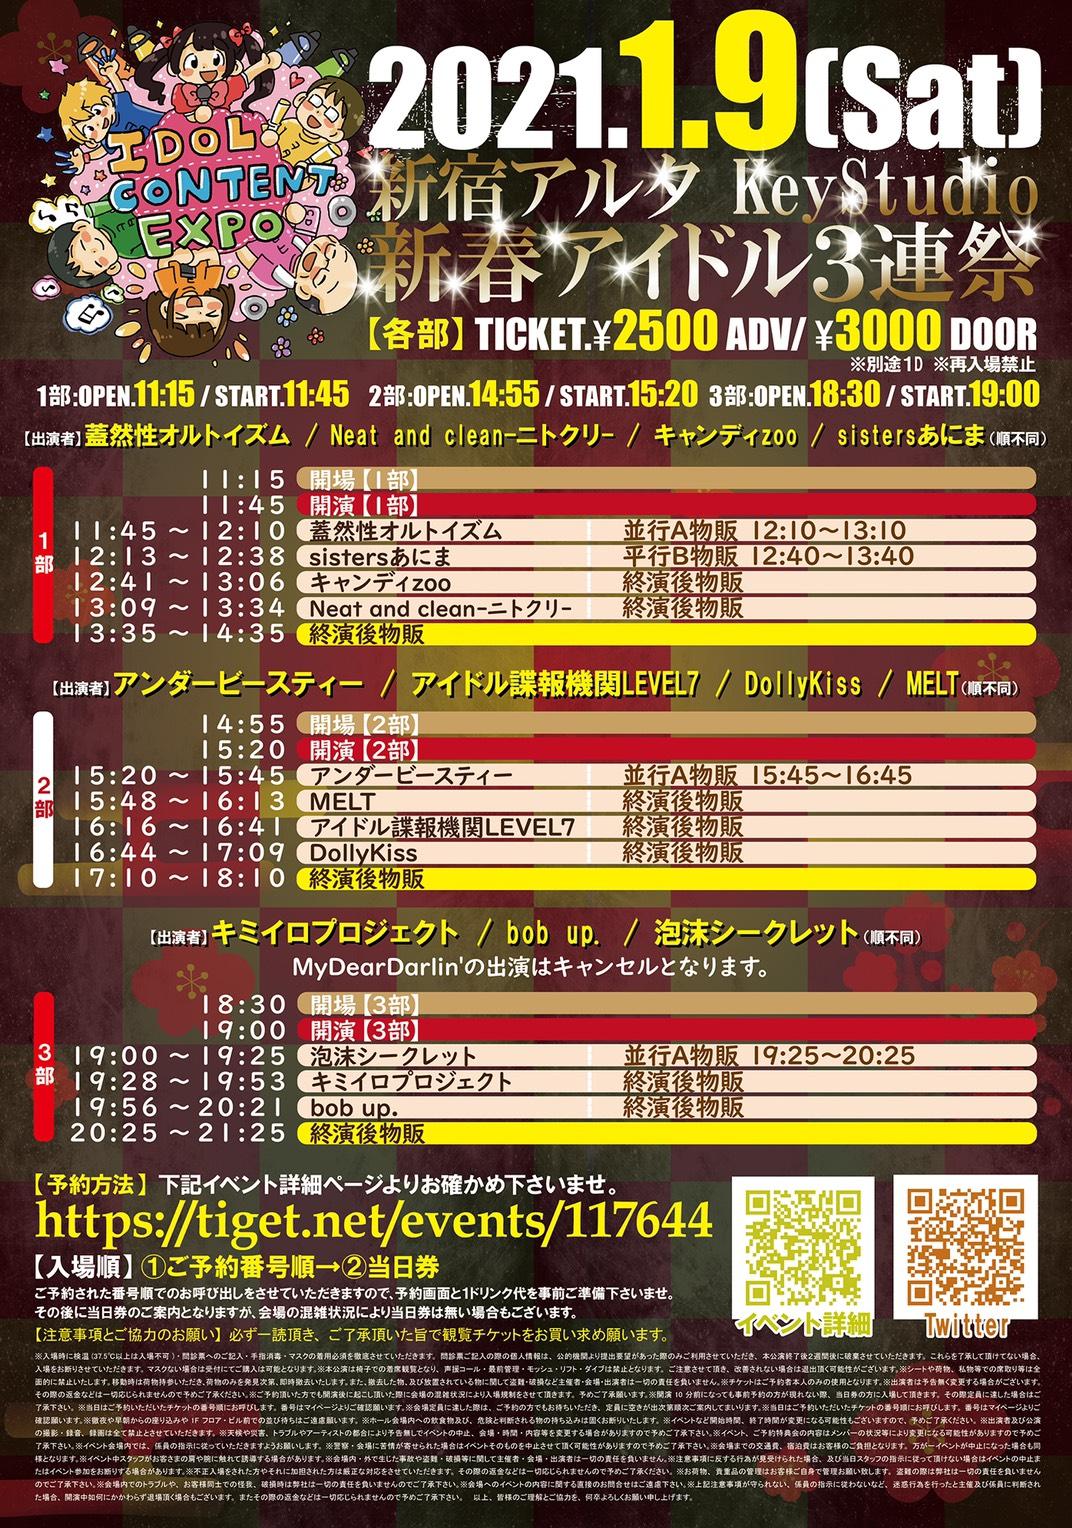 IDOL CONTENT EXPO @ 新宿アルタ KeyStudio 新春アイドル3連祭